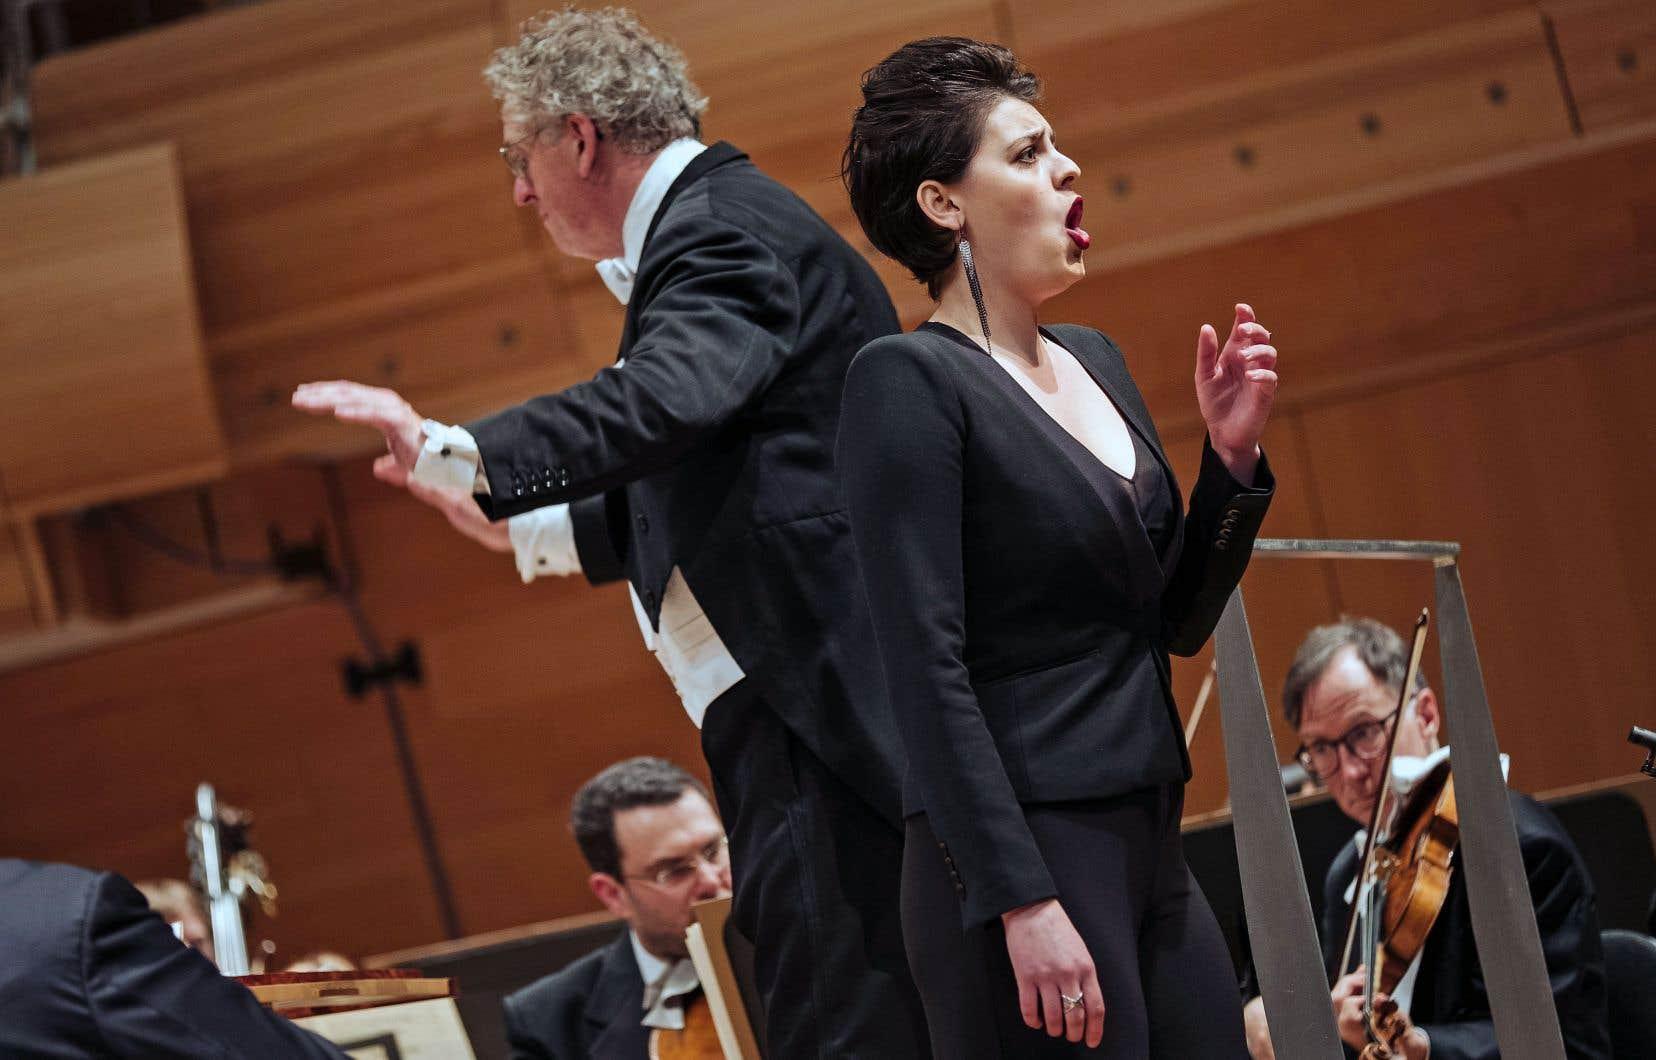 Ajoutant la témérité à la classe, Emily D'Angelo a remporté le concours en chantant «Dopo notte, atra e funesta», de l'«Ariodante» de Händel, alors que le choix d'airs du répertoire baroque est très rarement payant en pareille circonstance parce que les orchestres sont peu rompus à leur accompagnement.